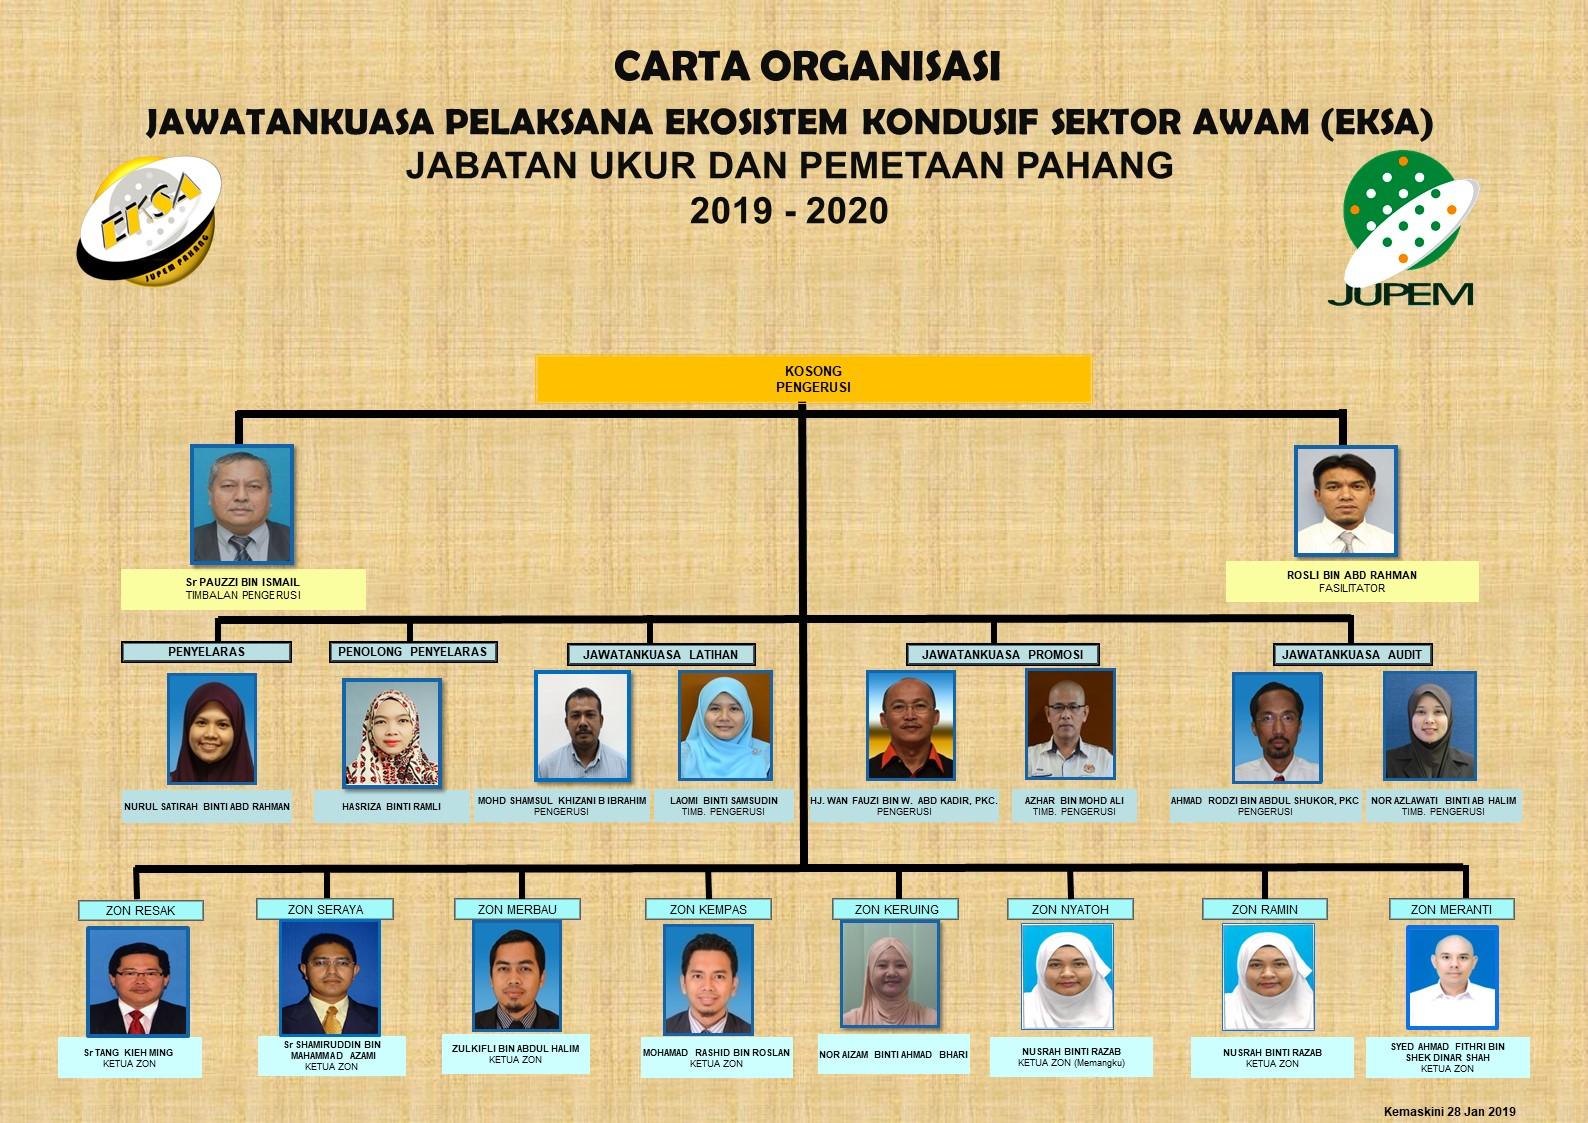 Jabatan Ukur Dan Pemetaan Pahang